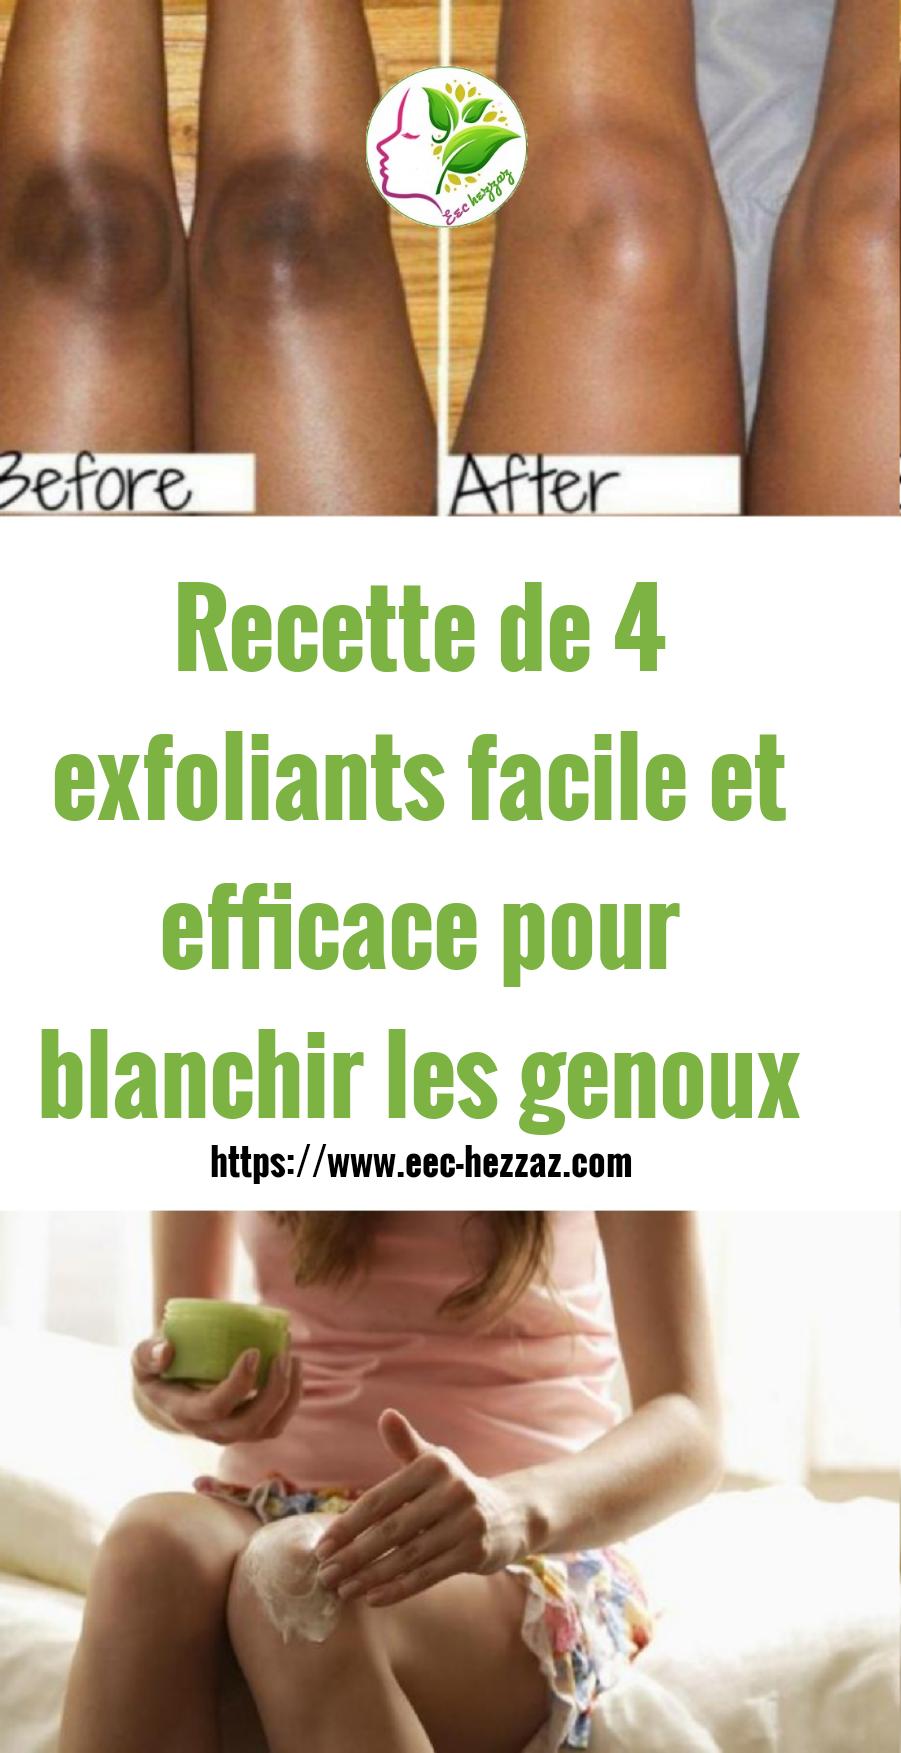 Recette de 4 exfoliants facile et efficace pour blanchir les genoux